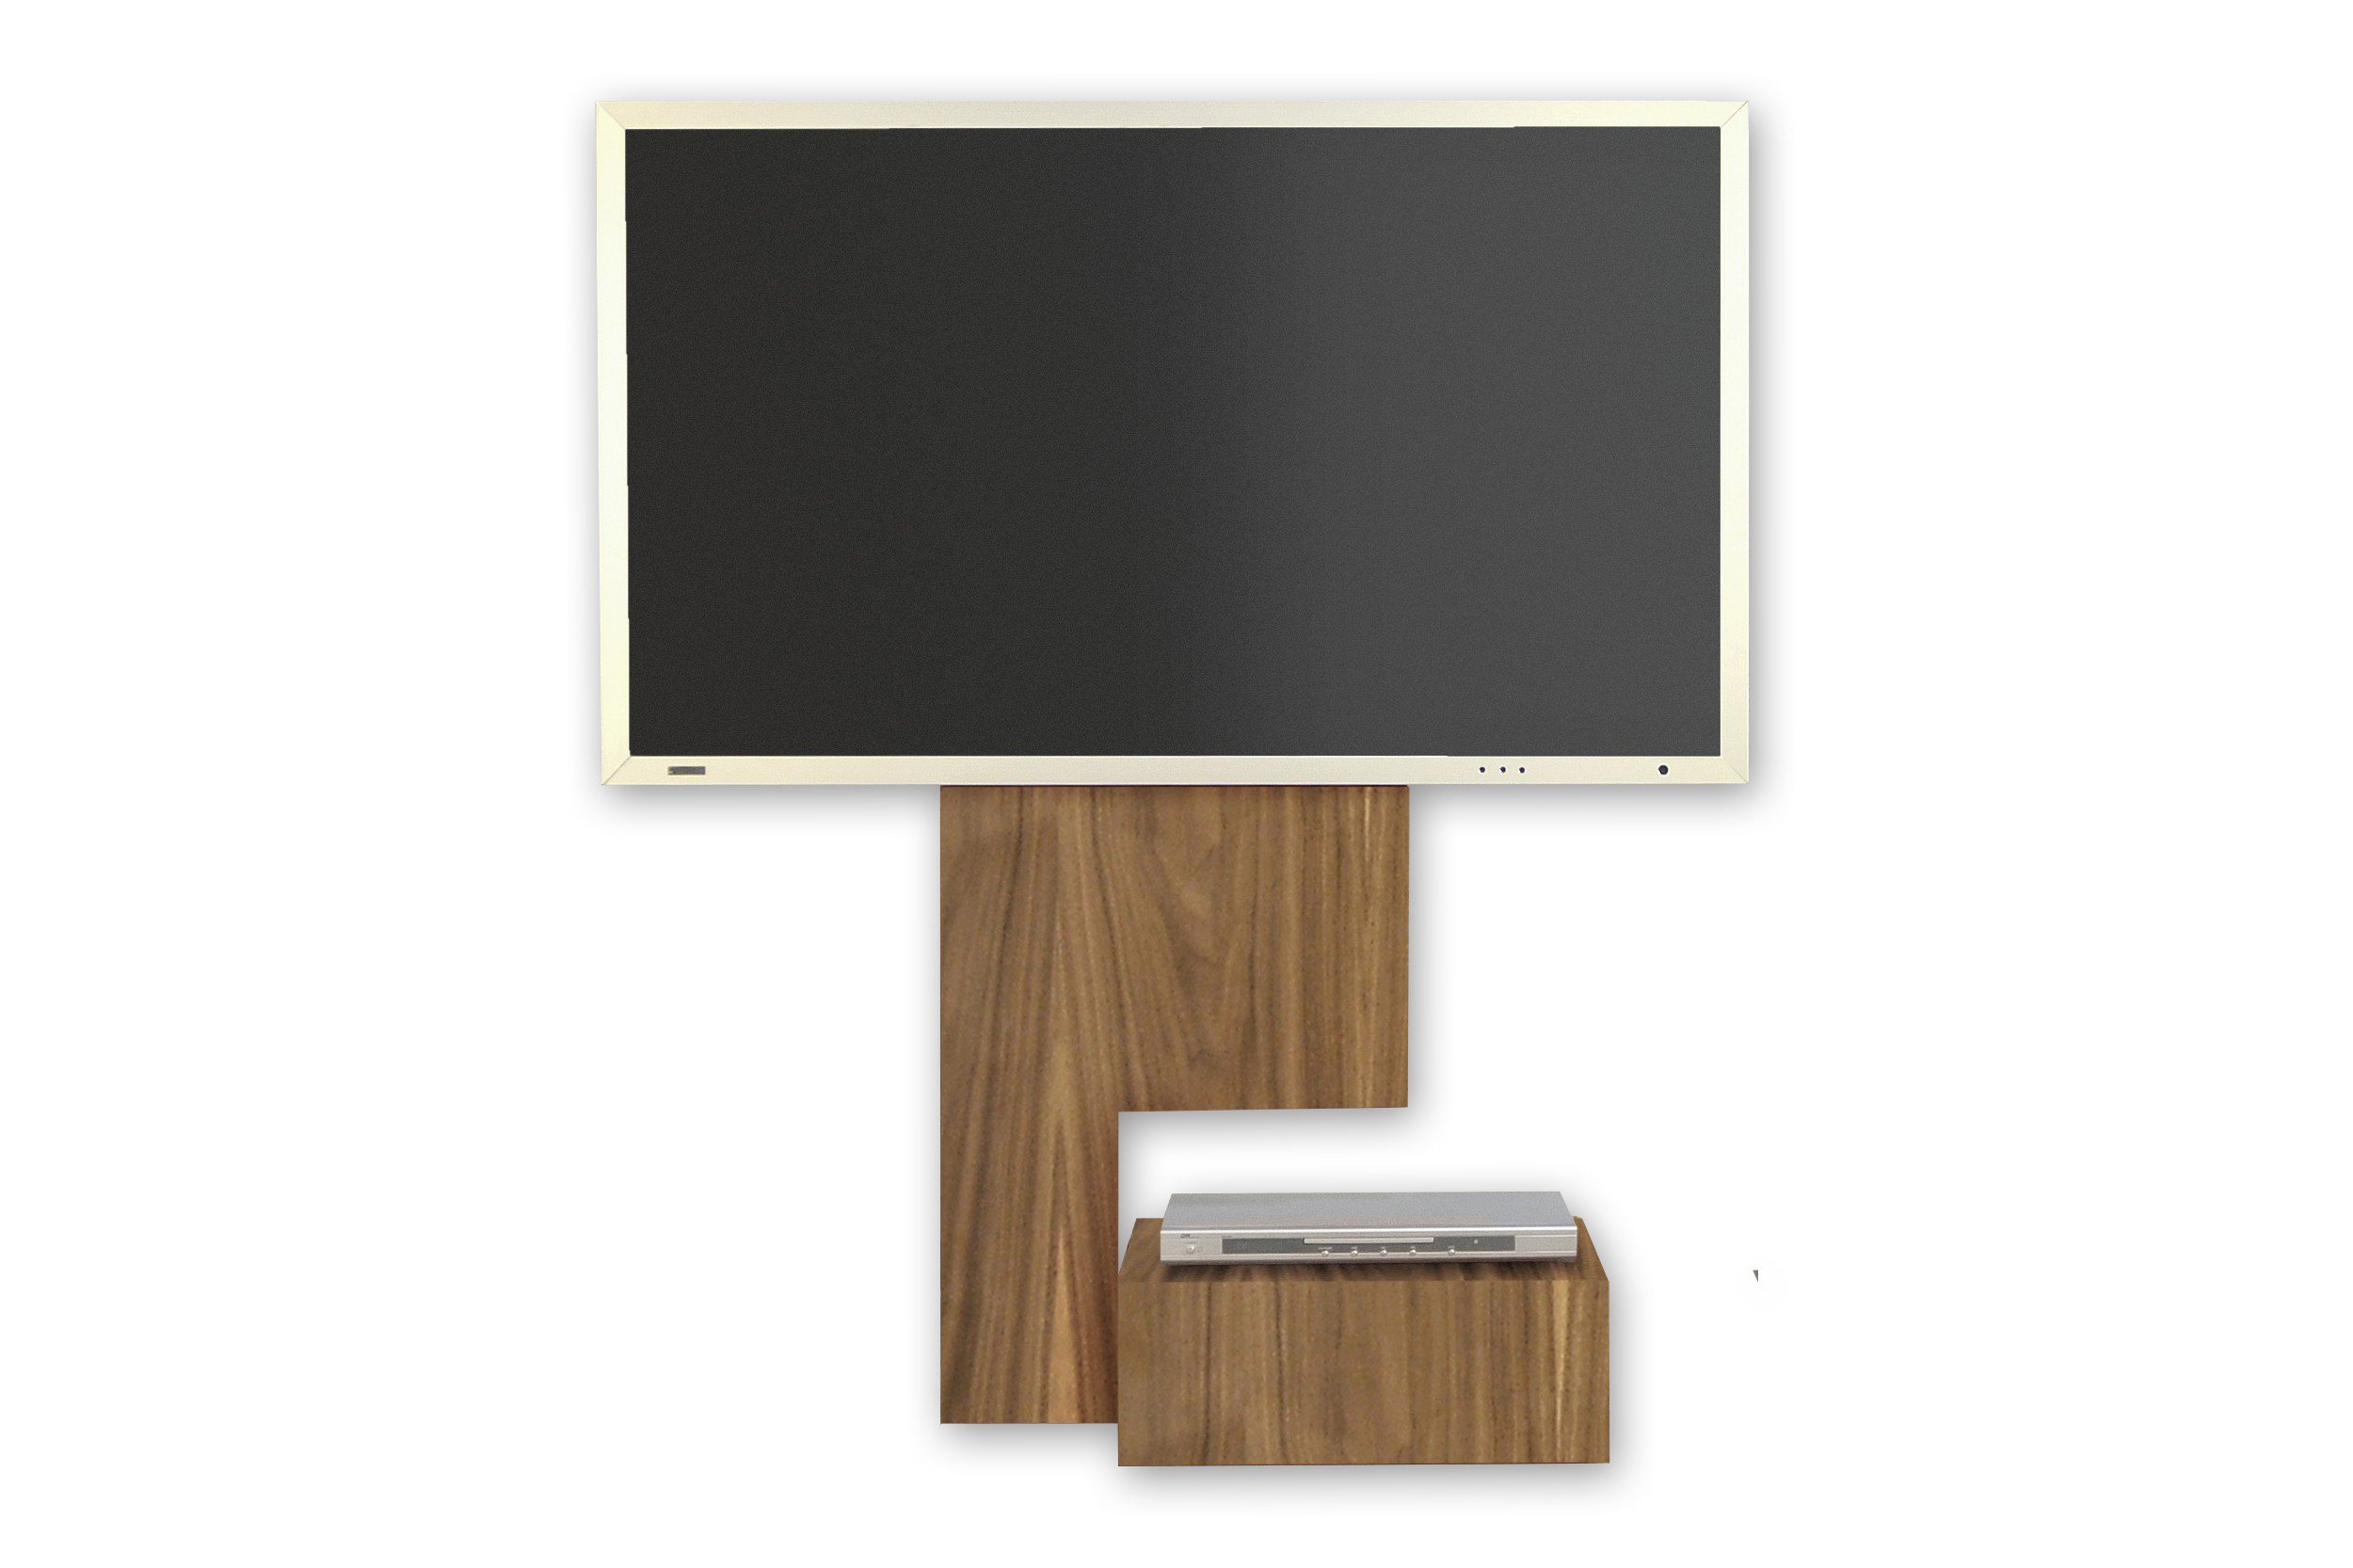 wissmann tv halter move art115 nussbaum m bel letz ihr online shop. Black Bedroom Furniture Sets. Home Design Ideas